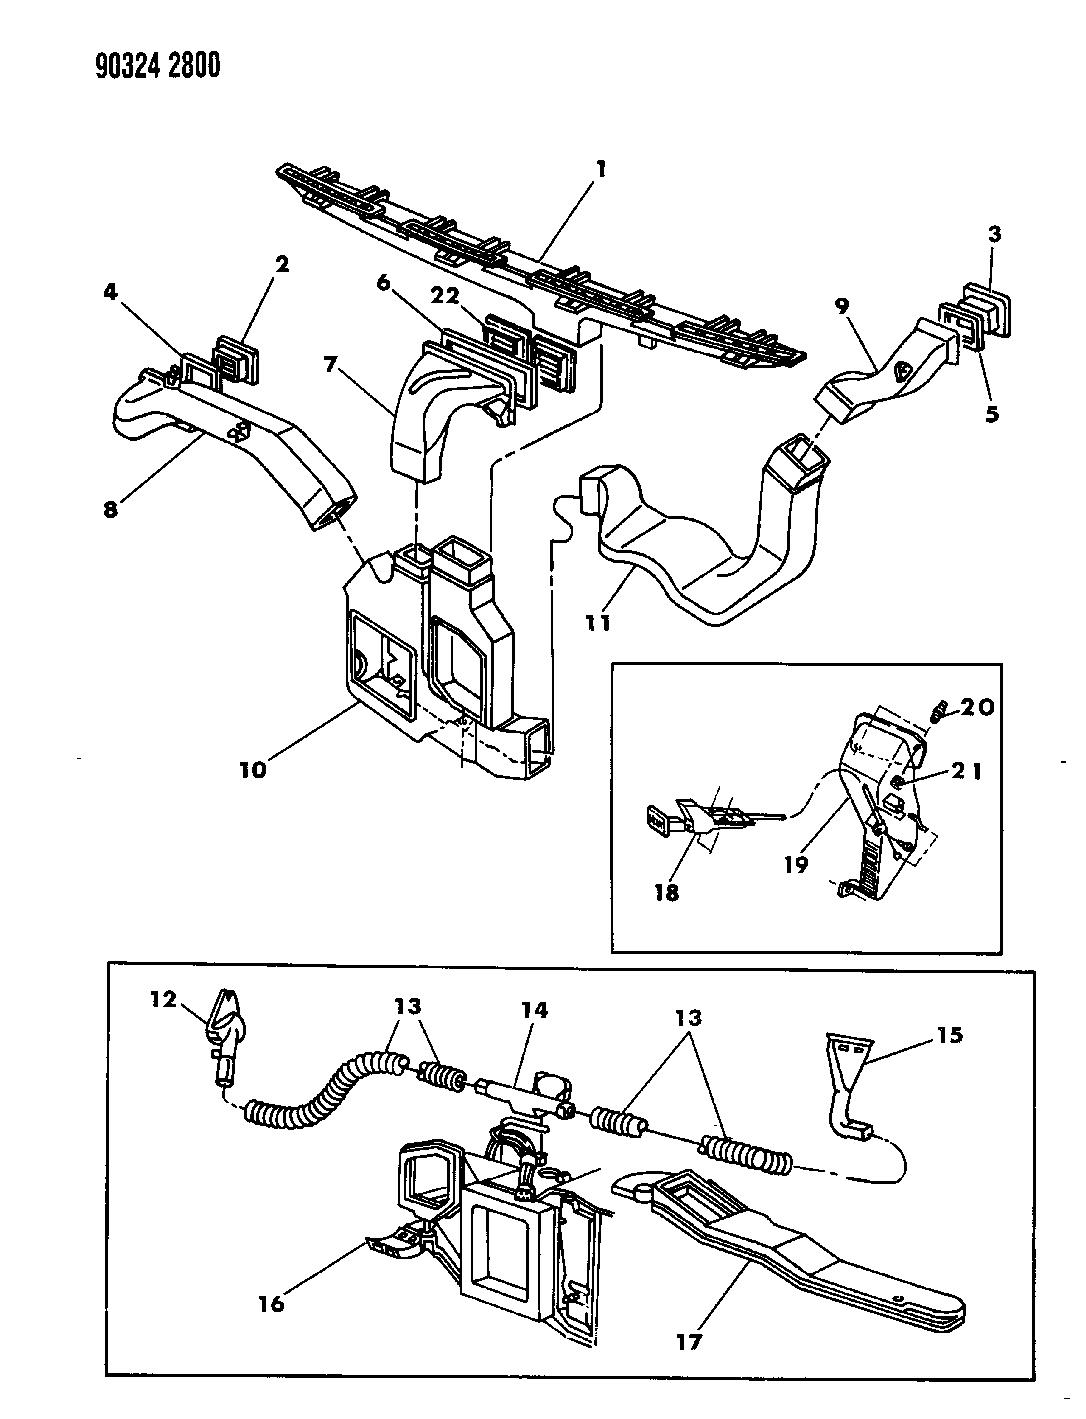 1993 Dodge Dakota Air Ducts  Outlets  U0026 Demister System